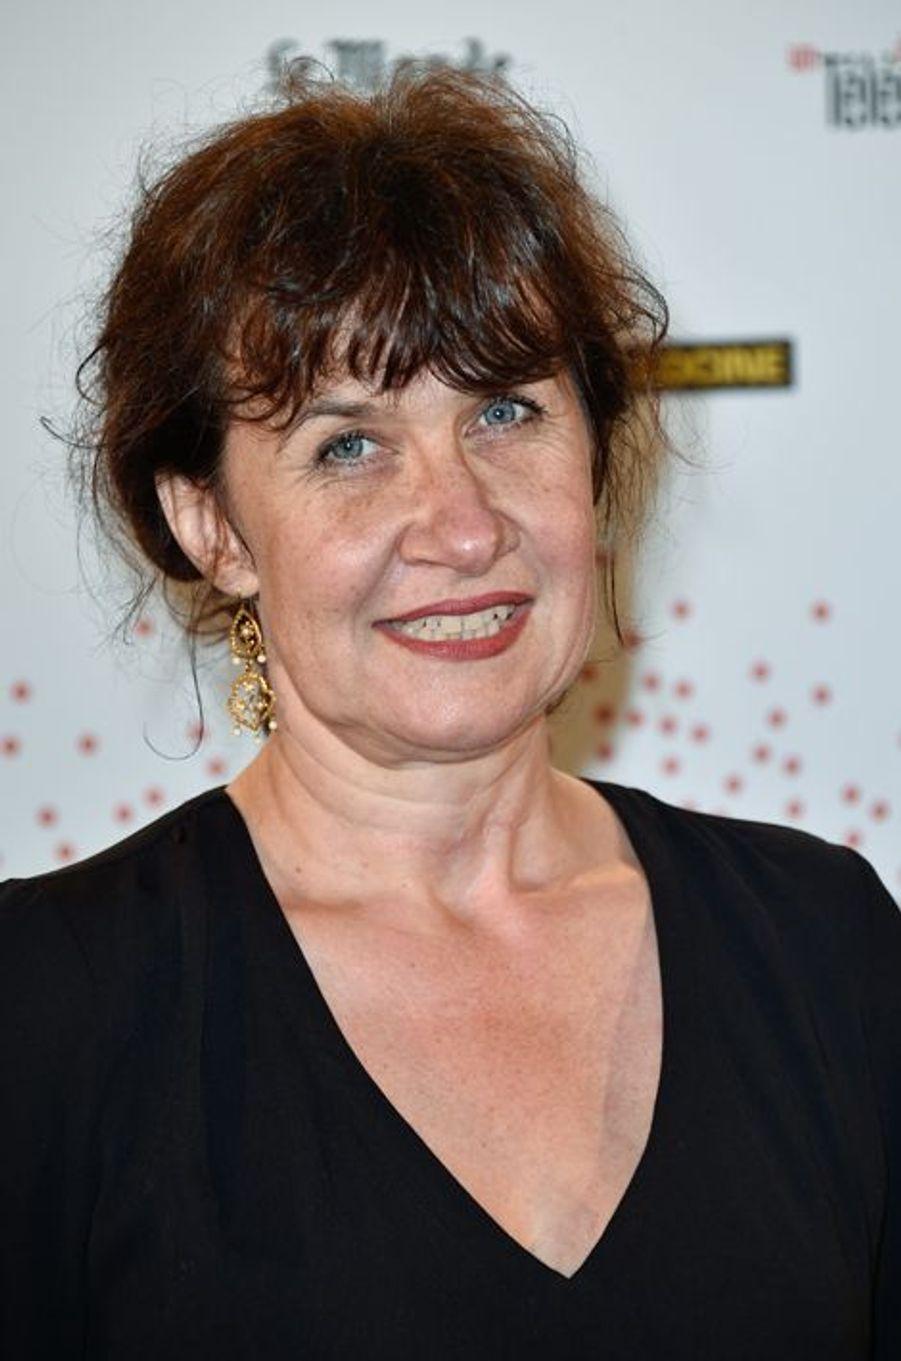 Anne Le Ny à Paris le 26 mars 2015